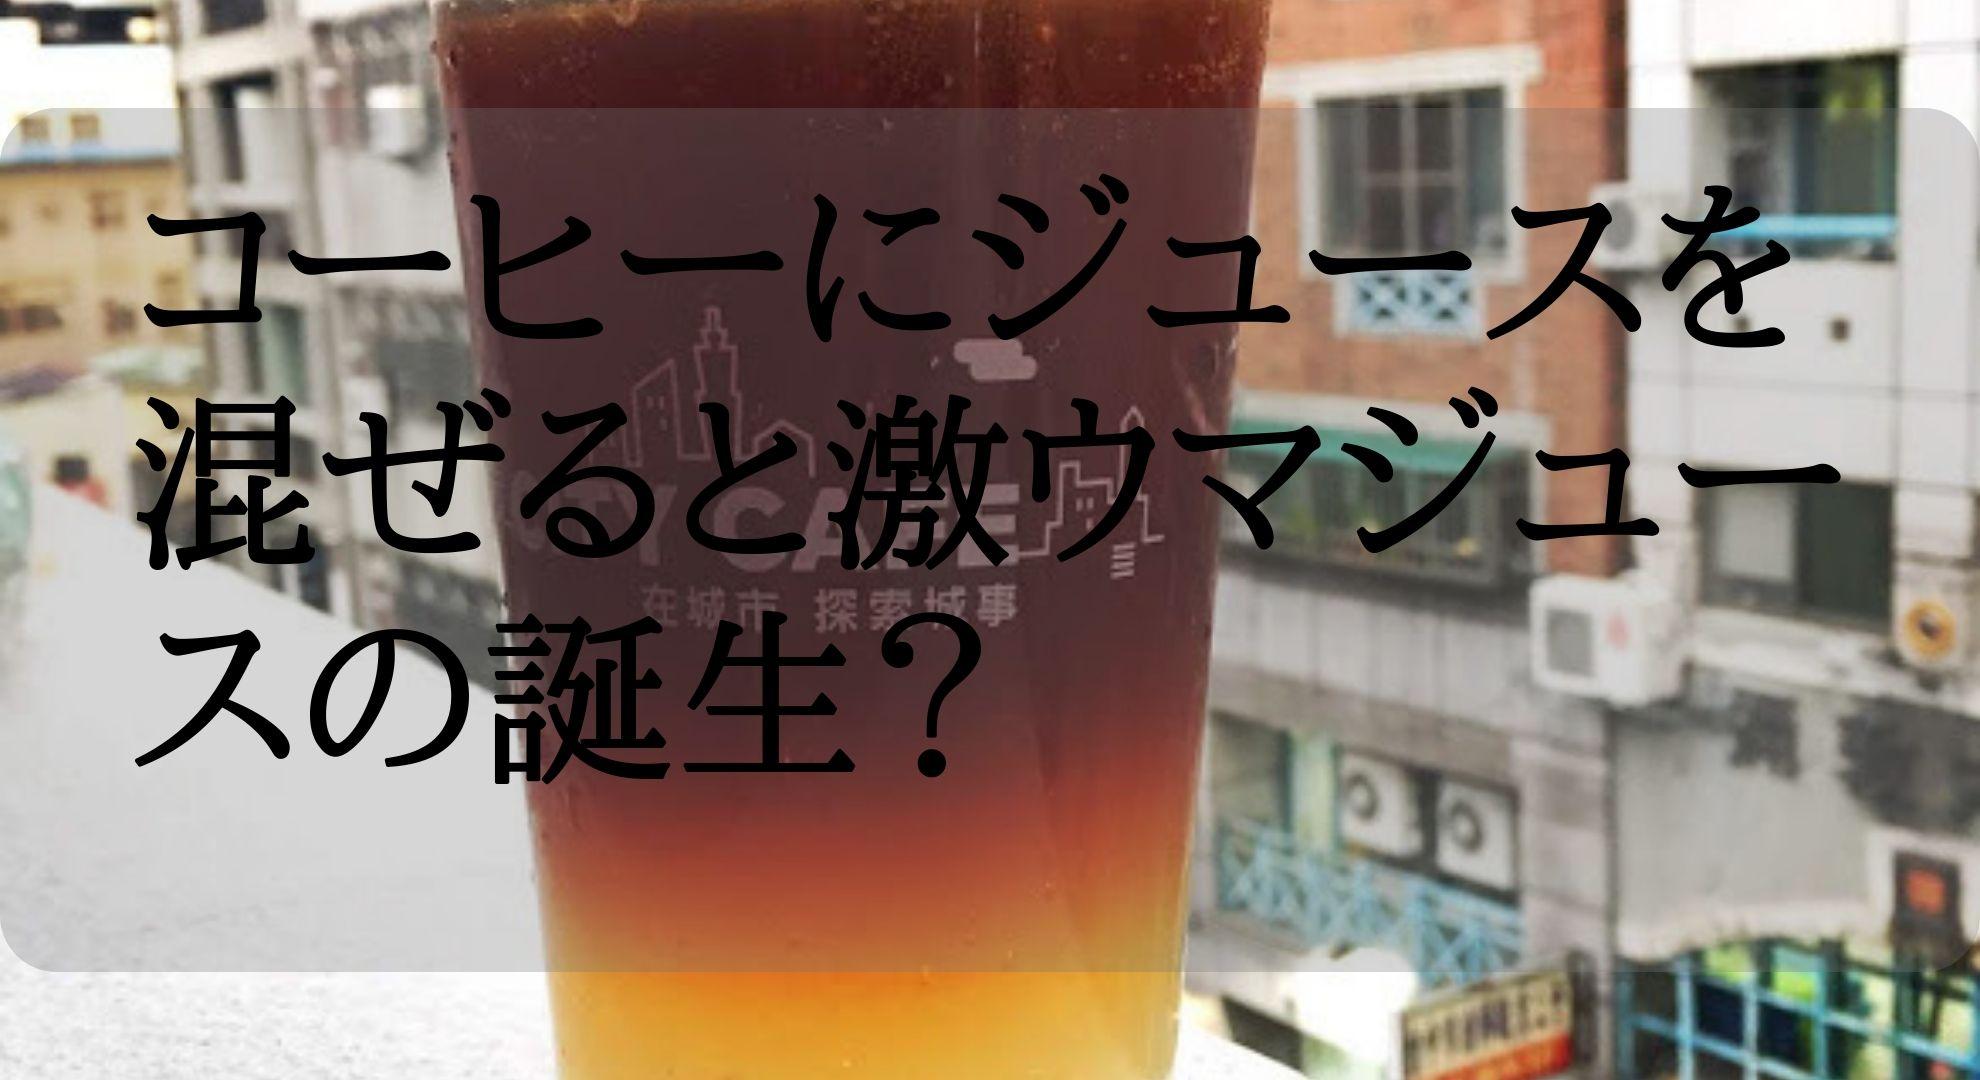 【タピオカの次に来る?】コーヒーにレモンスカッシュを混ざると?激ウマそれとも・・台湾コンビニにある「西西里風檸檬氣泡咖啡」の紹介